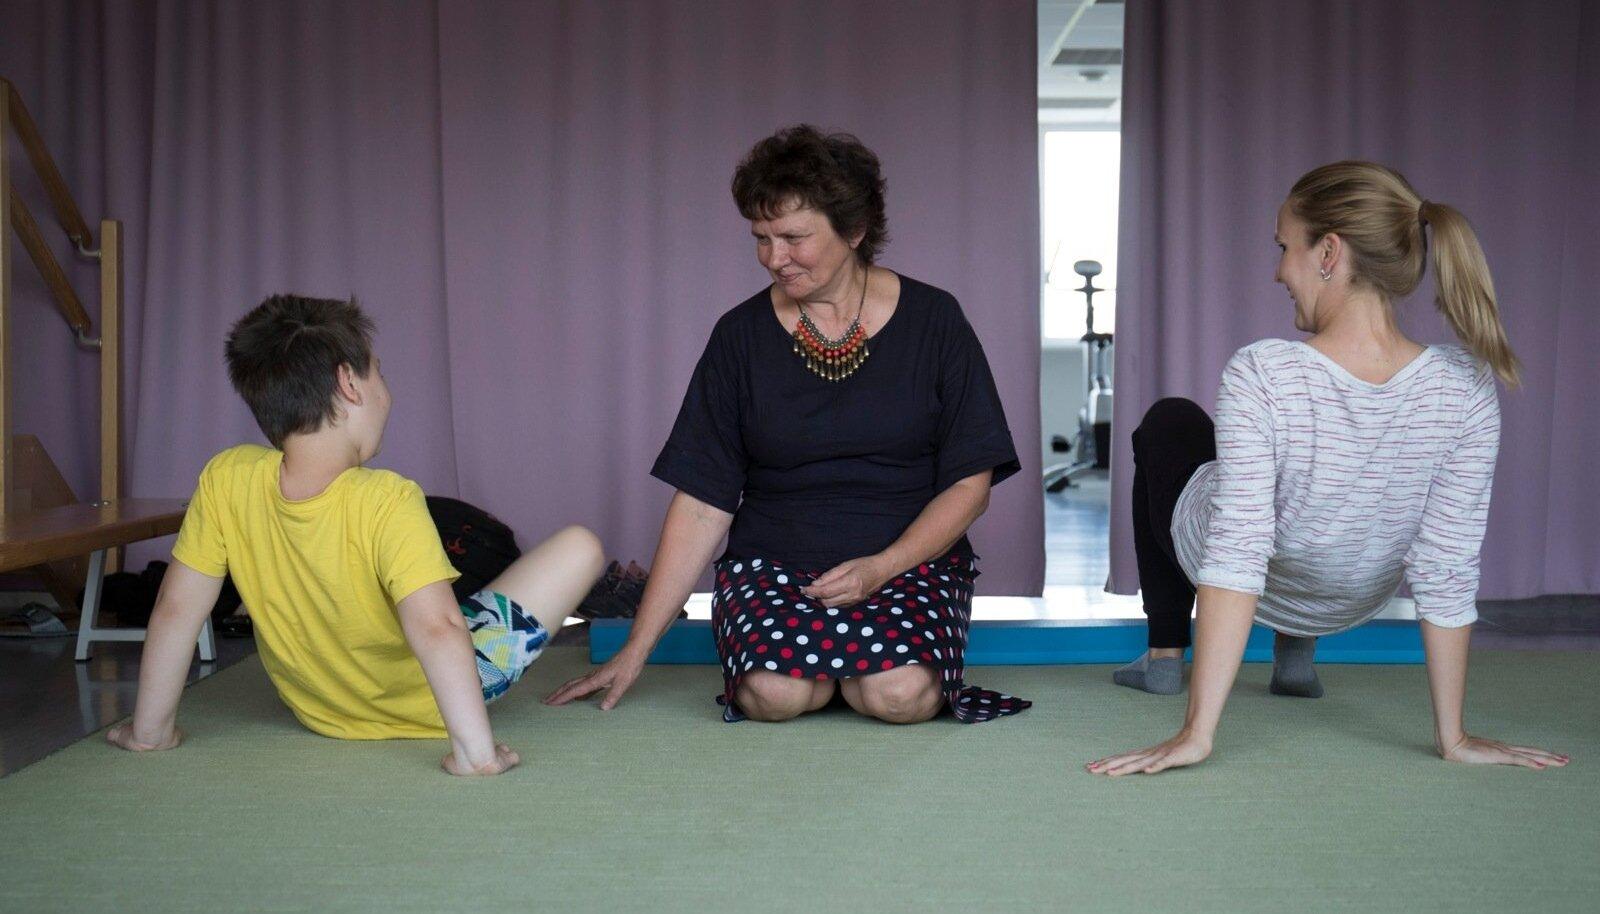 Dr Riina Kallaste (keskel) Adeli rehabilitatsioonikeskuse füsioteraapia seansil. Tema sõnul vajavad inimesed palju rohkem füsioteraapiat, kui riik praegu võimaldab.